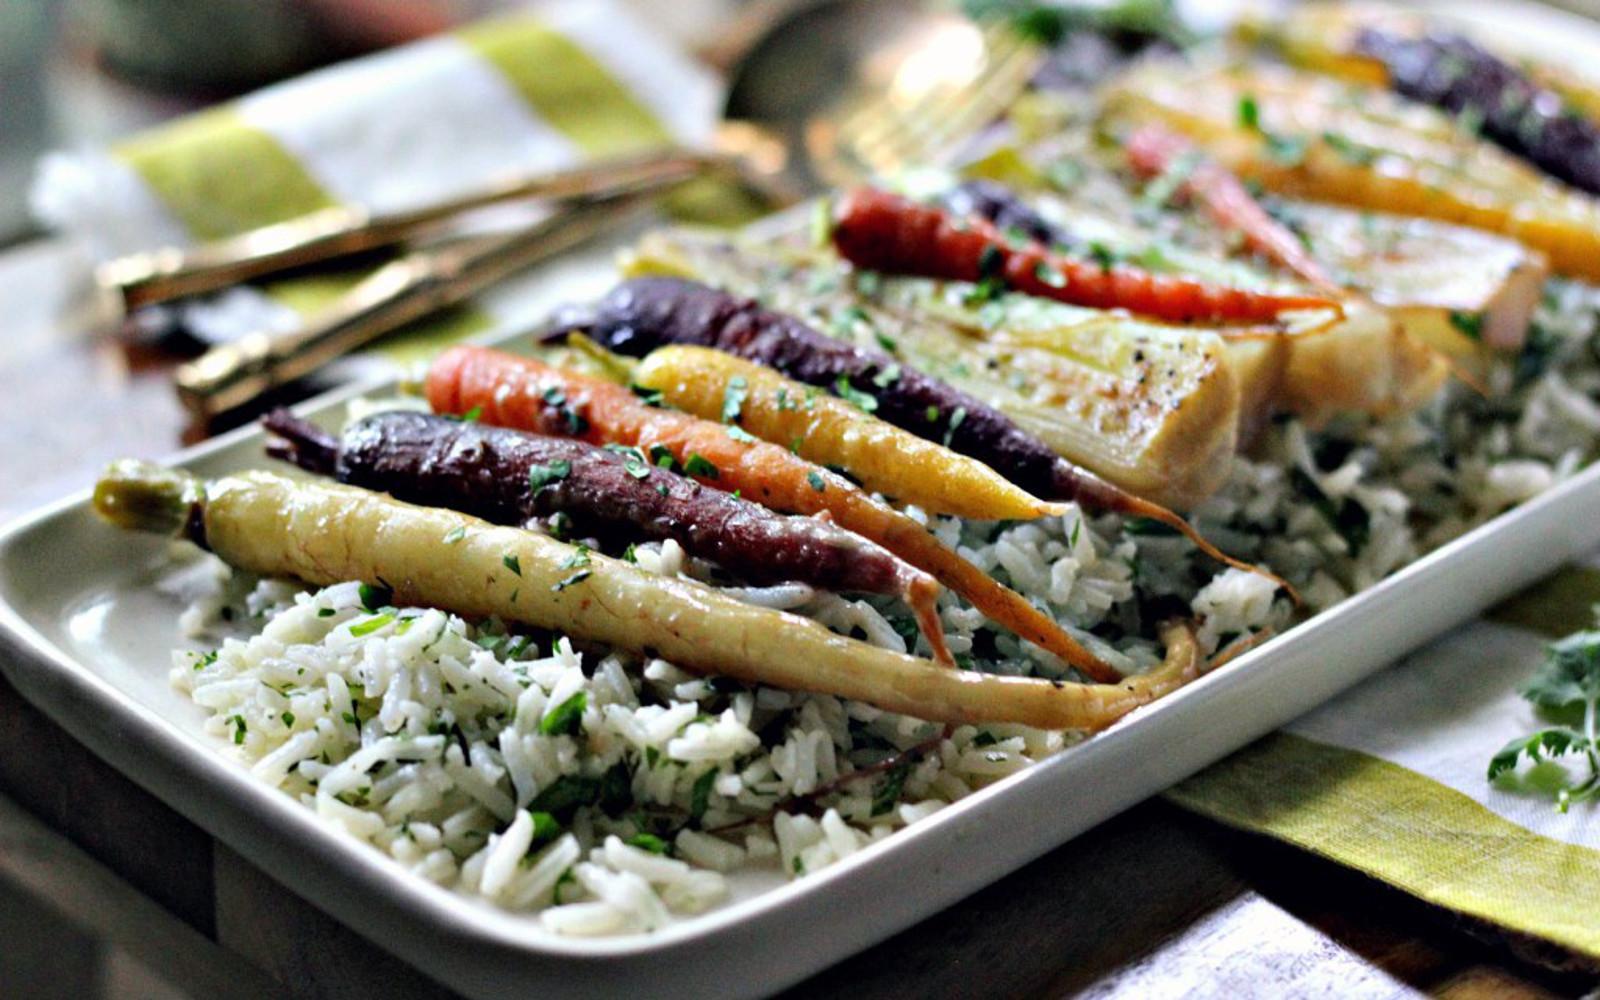 Miso Braised Carrots With Leeks